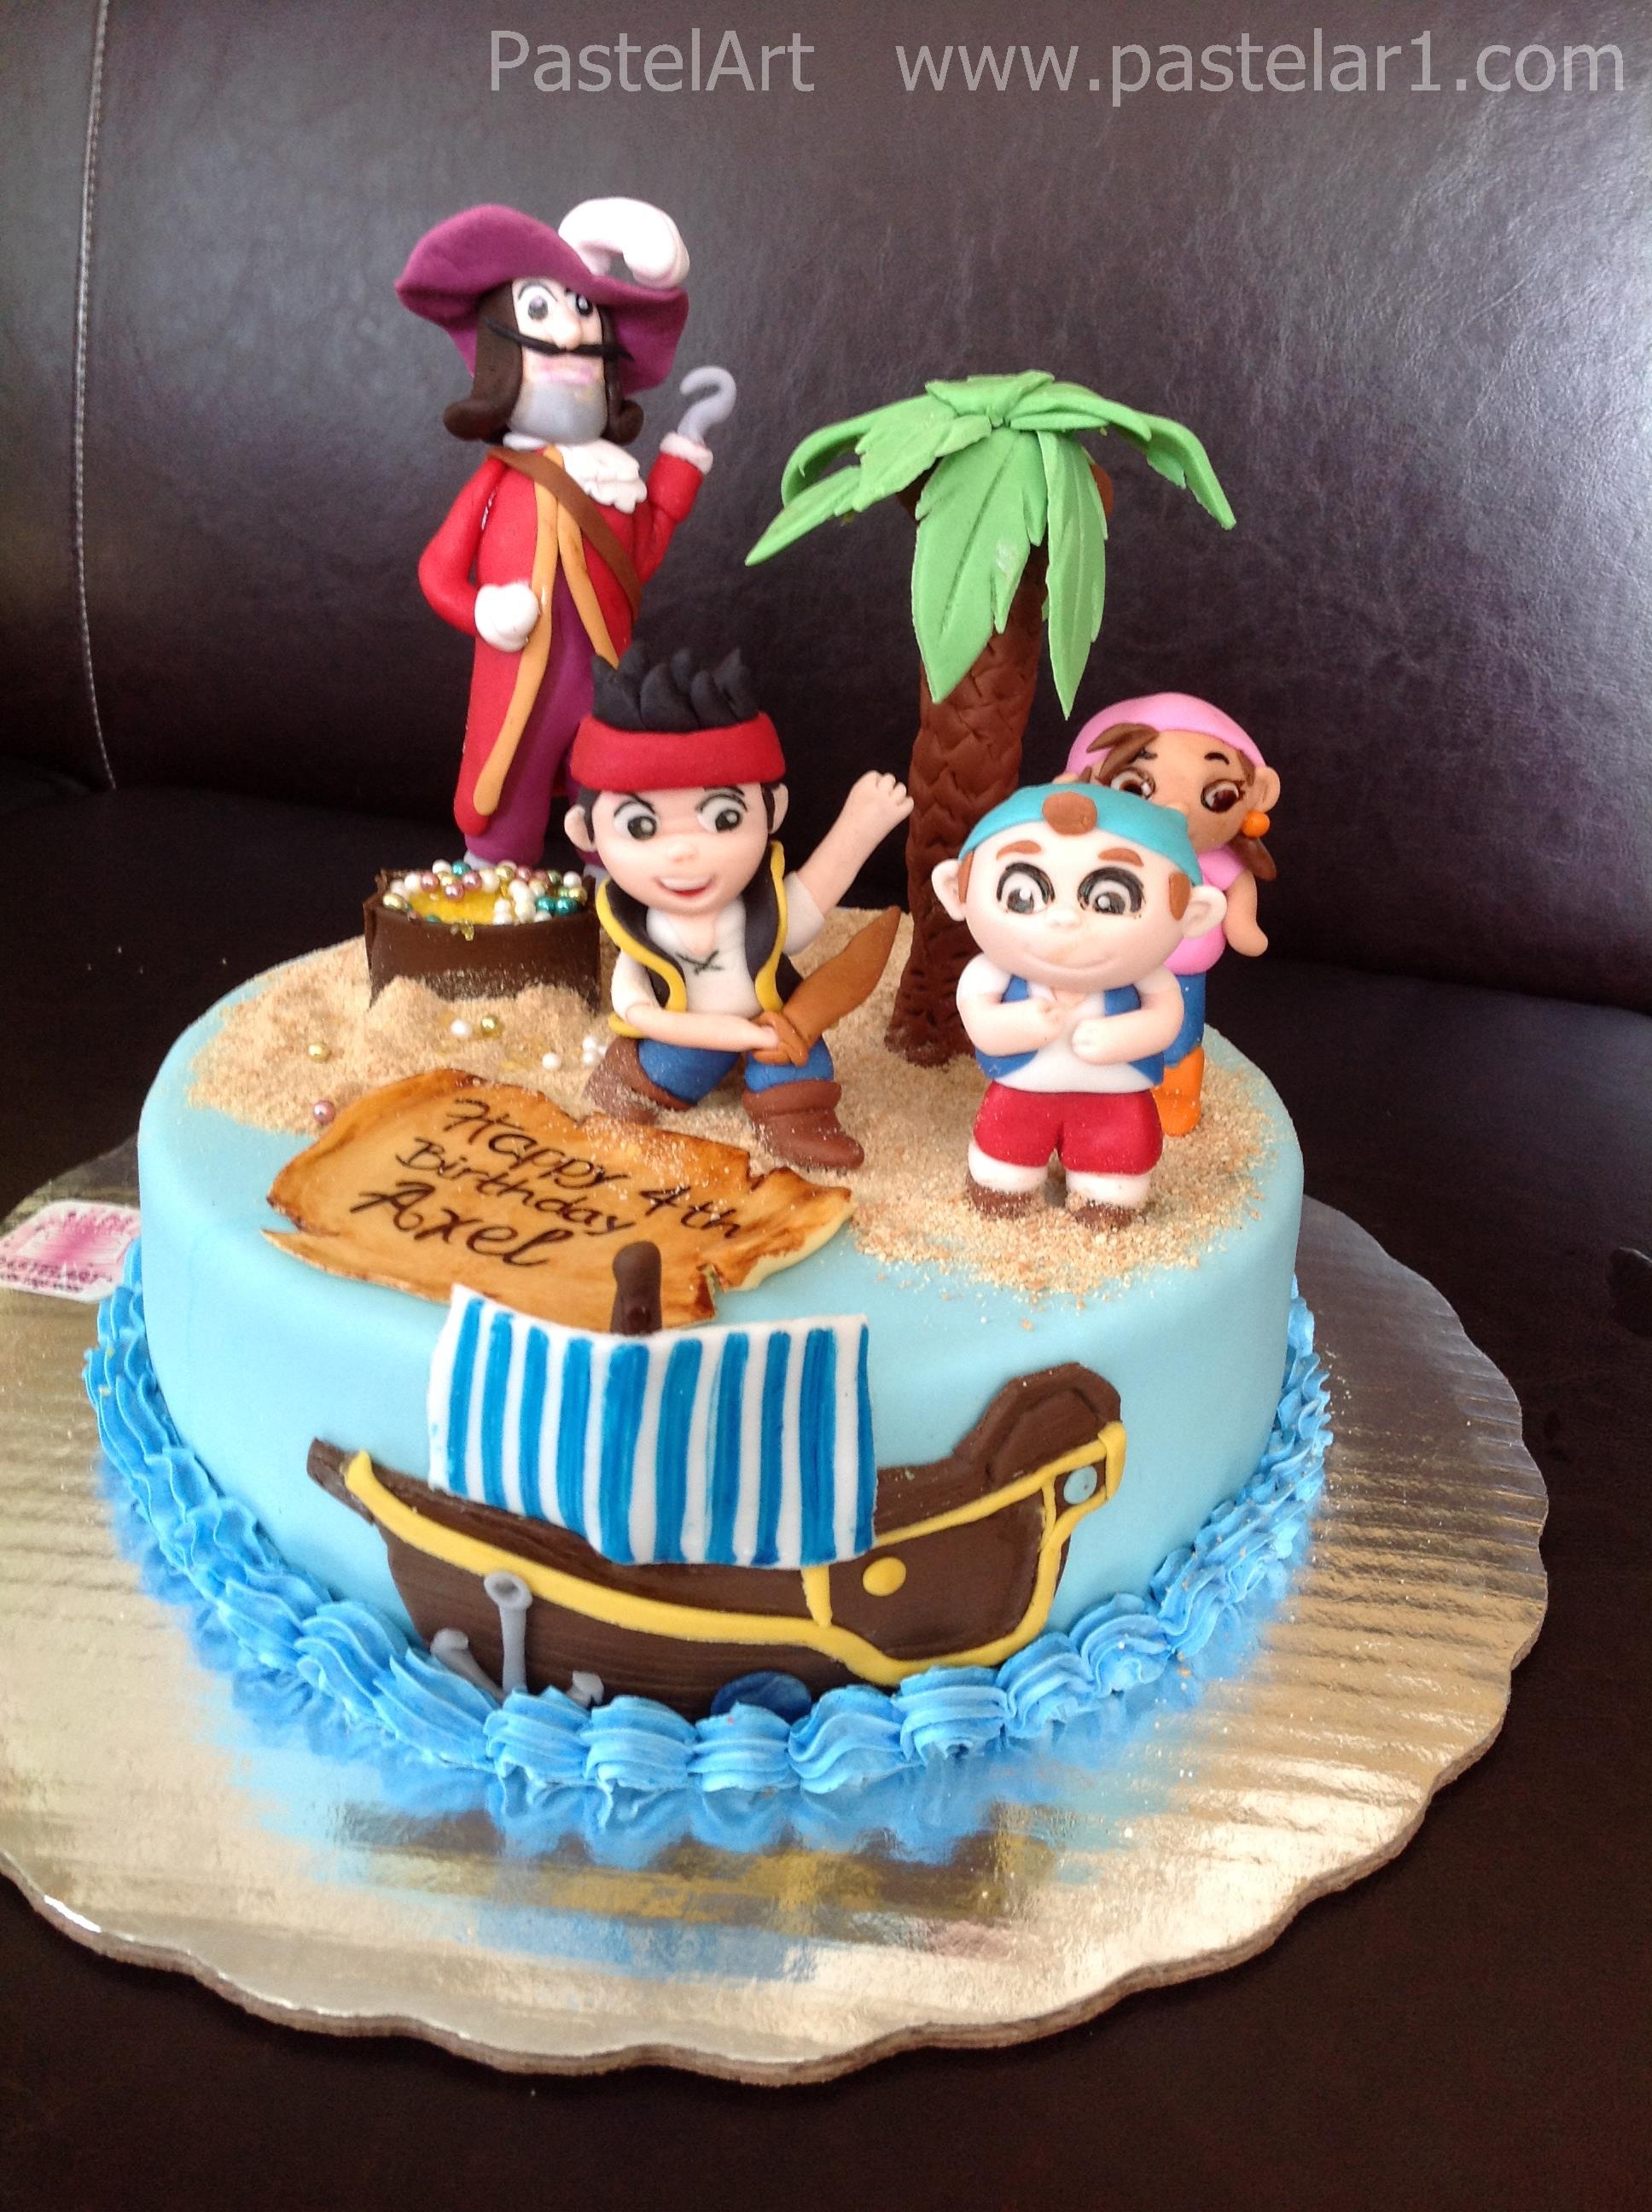 Jake el pirata pasteles imagui for Yei y los piratas de nunca jamas